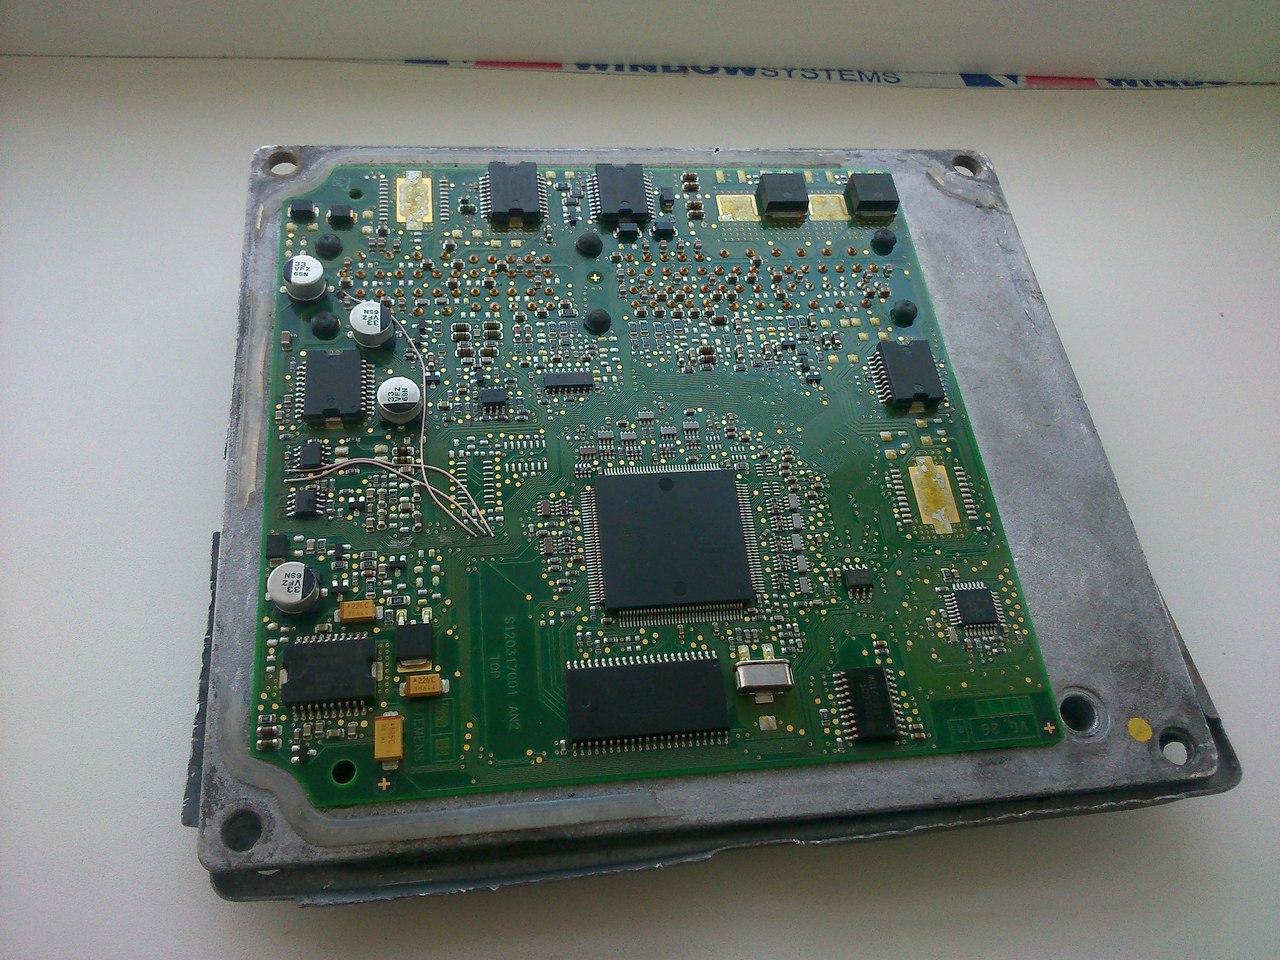 Фото платы электронного блок управления двигателем Siemens SIM210 автомобиля Форд Фьюжен